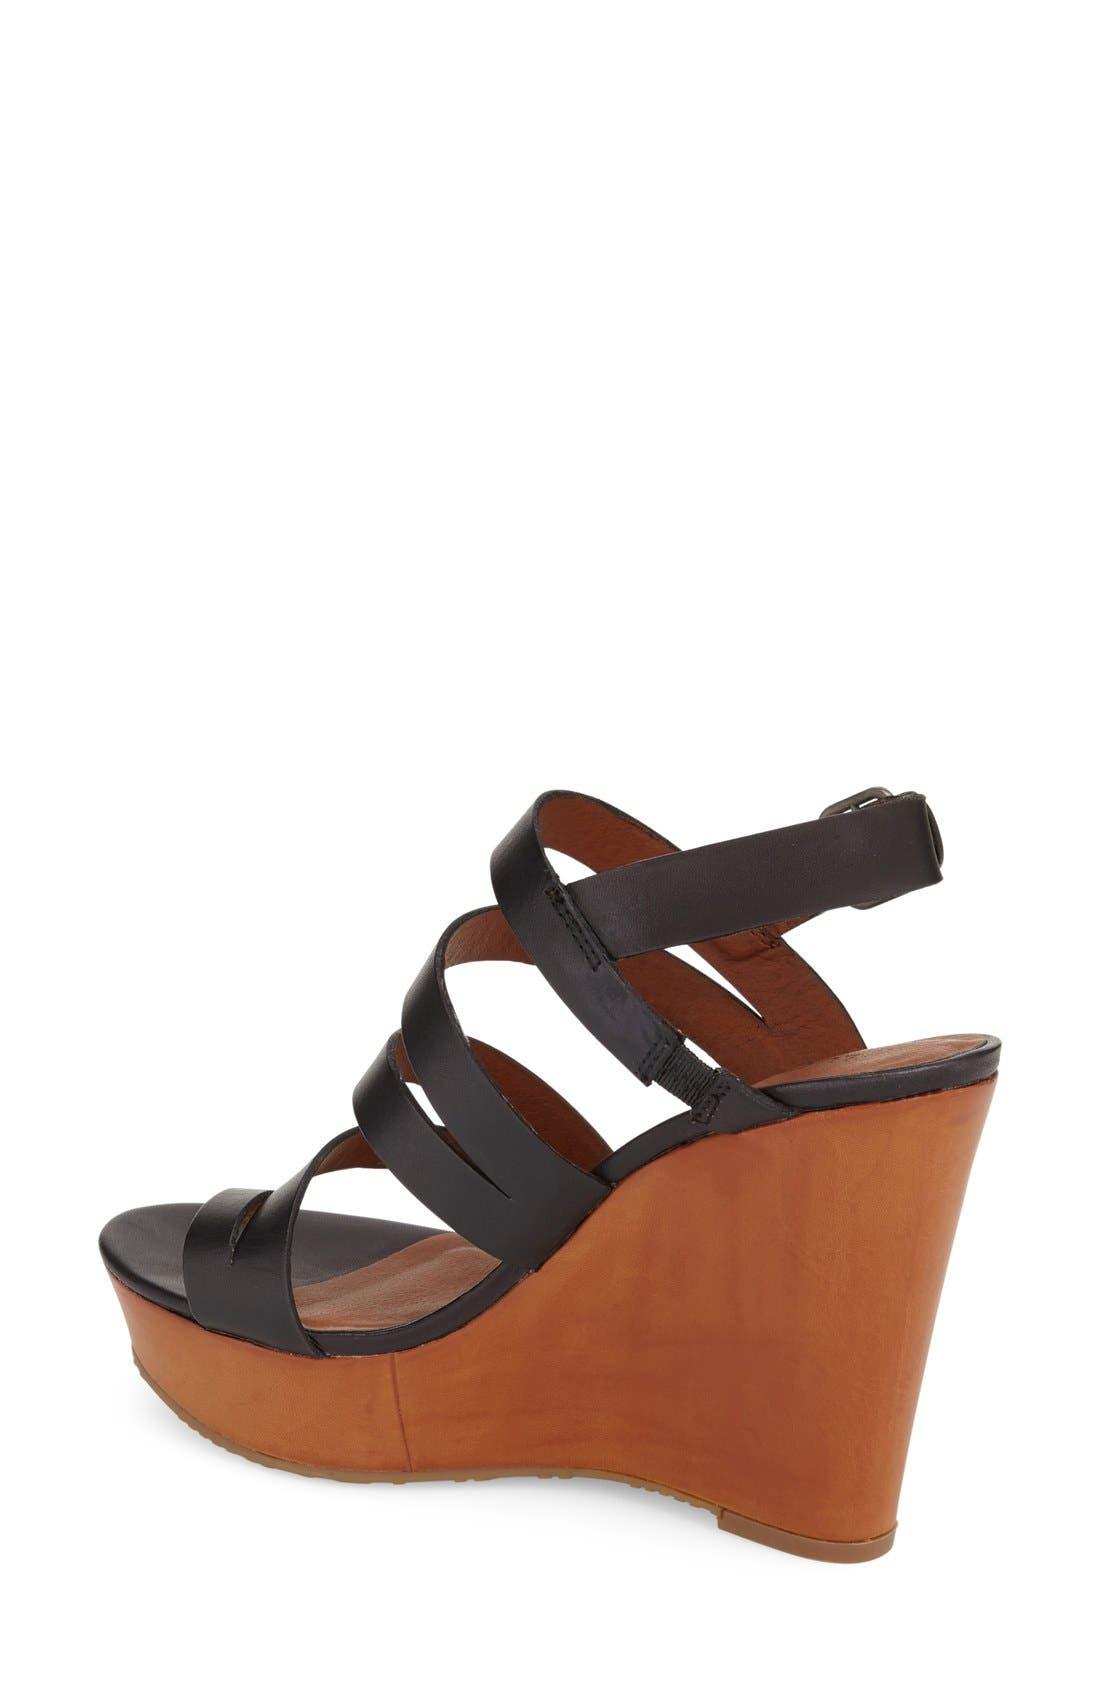 Alternate Image 2  - Lucky Brand 'Fairfina' Wedge Sandal (Women)